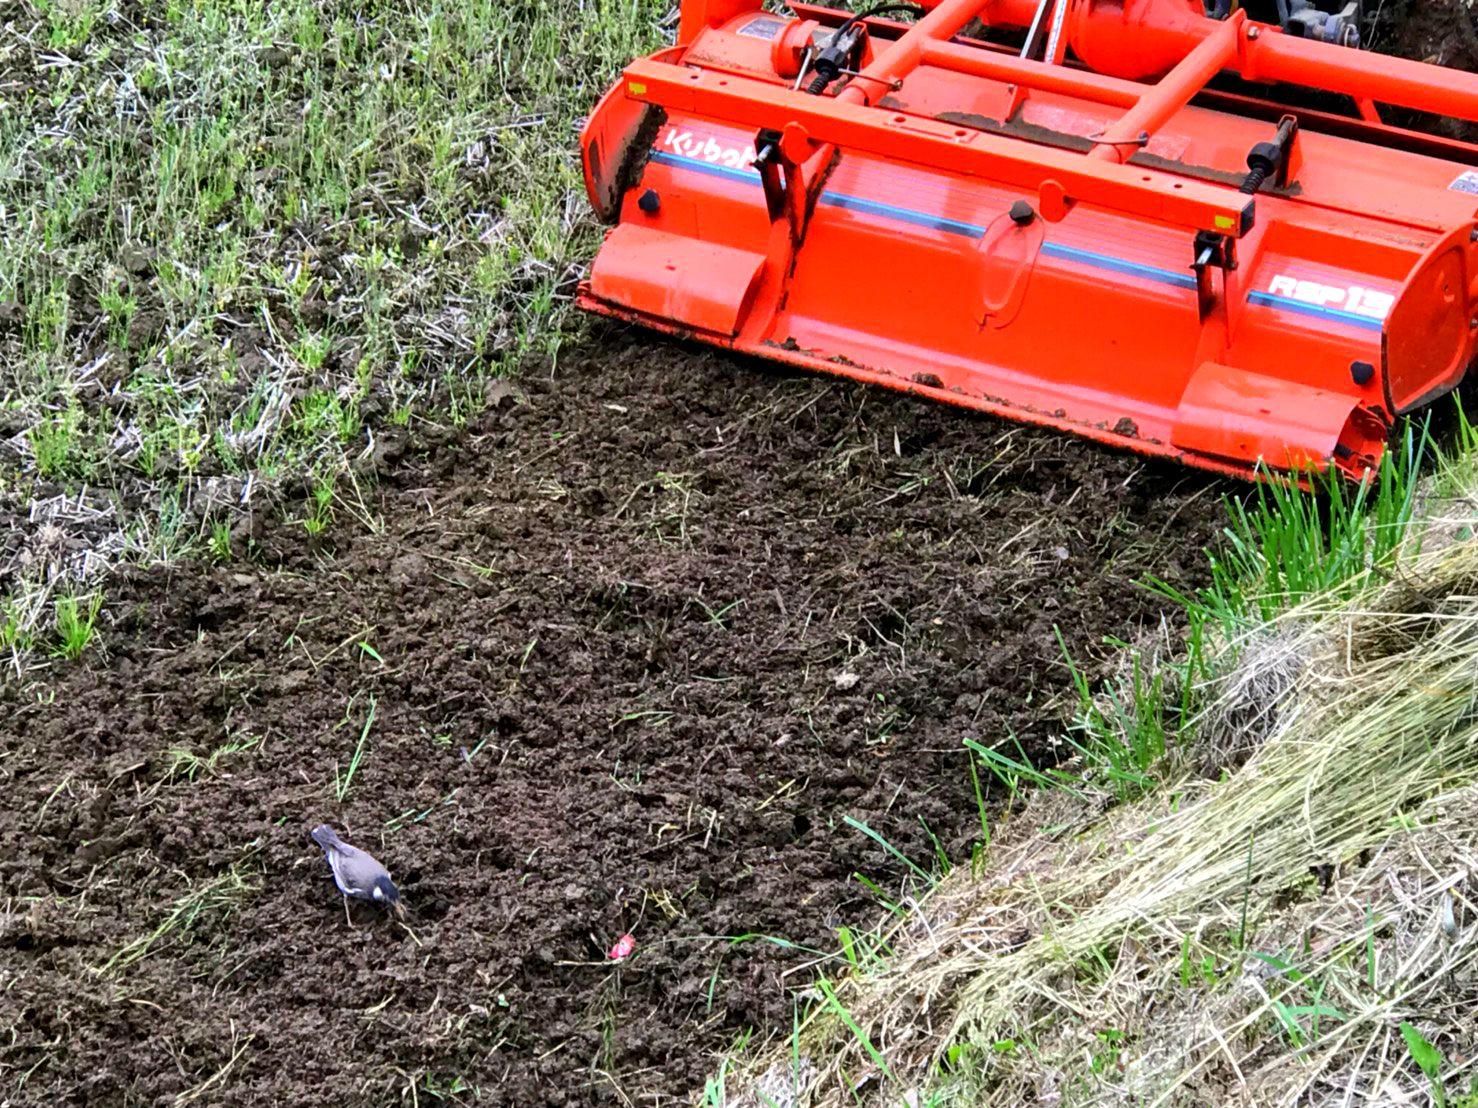 在稻田里玩耍的小鸟